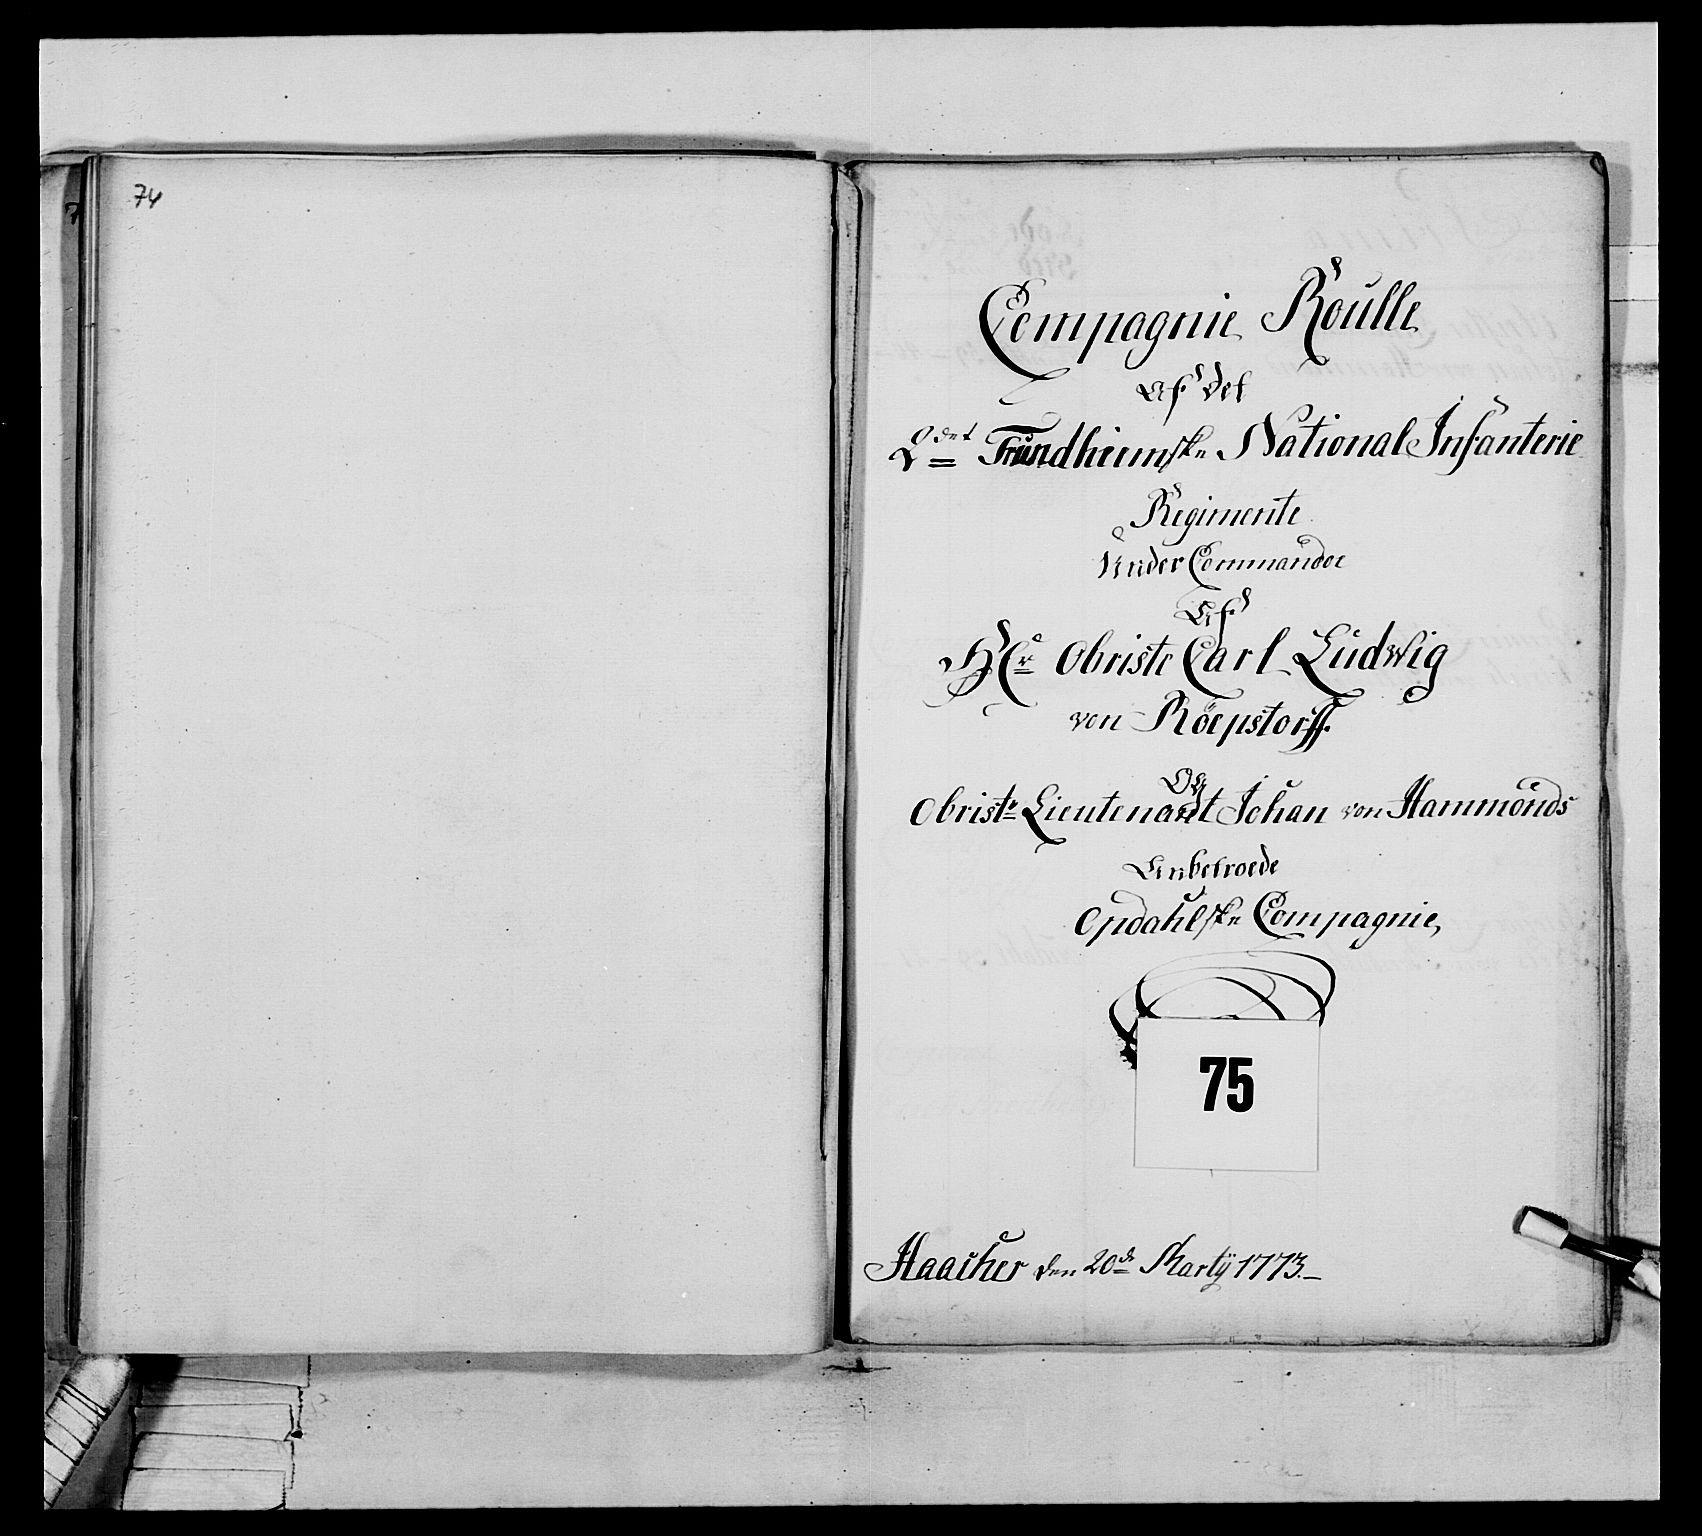 RA, Generalitets- og kommissariatskollegiet, Det kongelige norske kommissariatskollegium, E/Eh/L0076: 2. Trondheimske nasjonale infanteriregiment, 1766-1773, s. 343